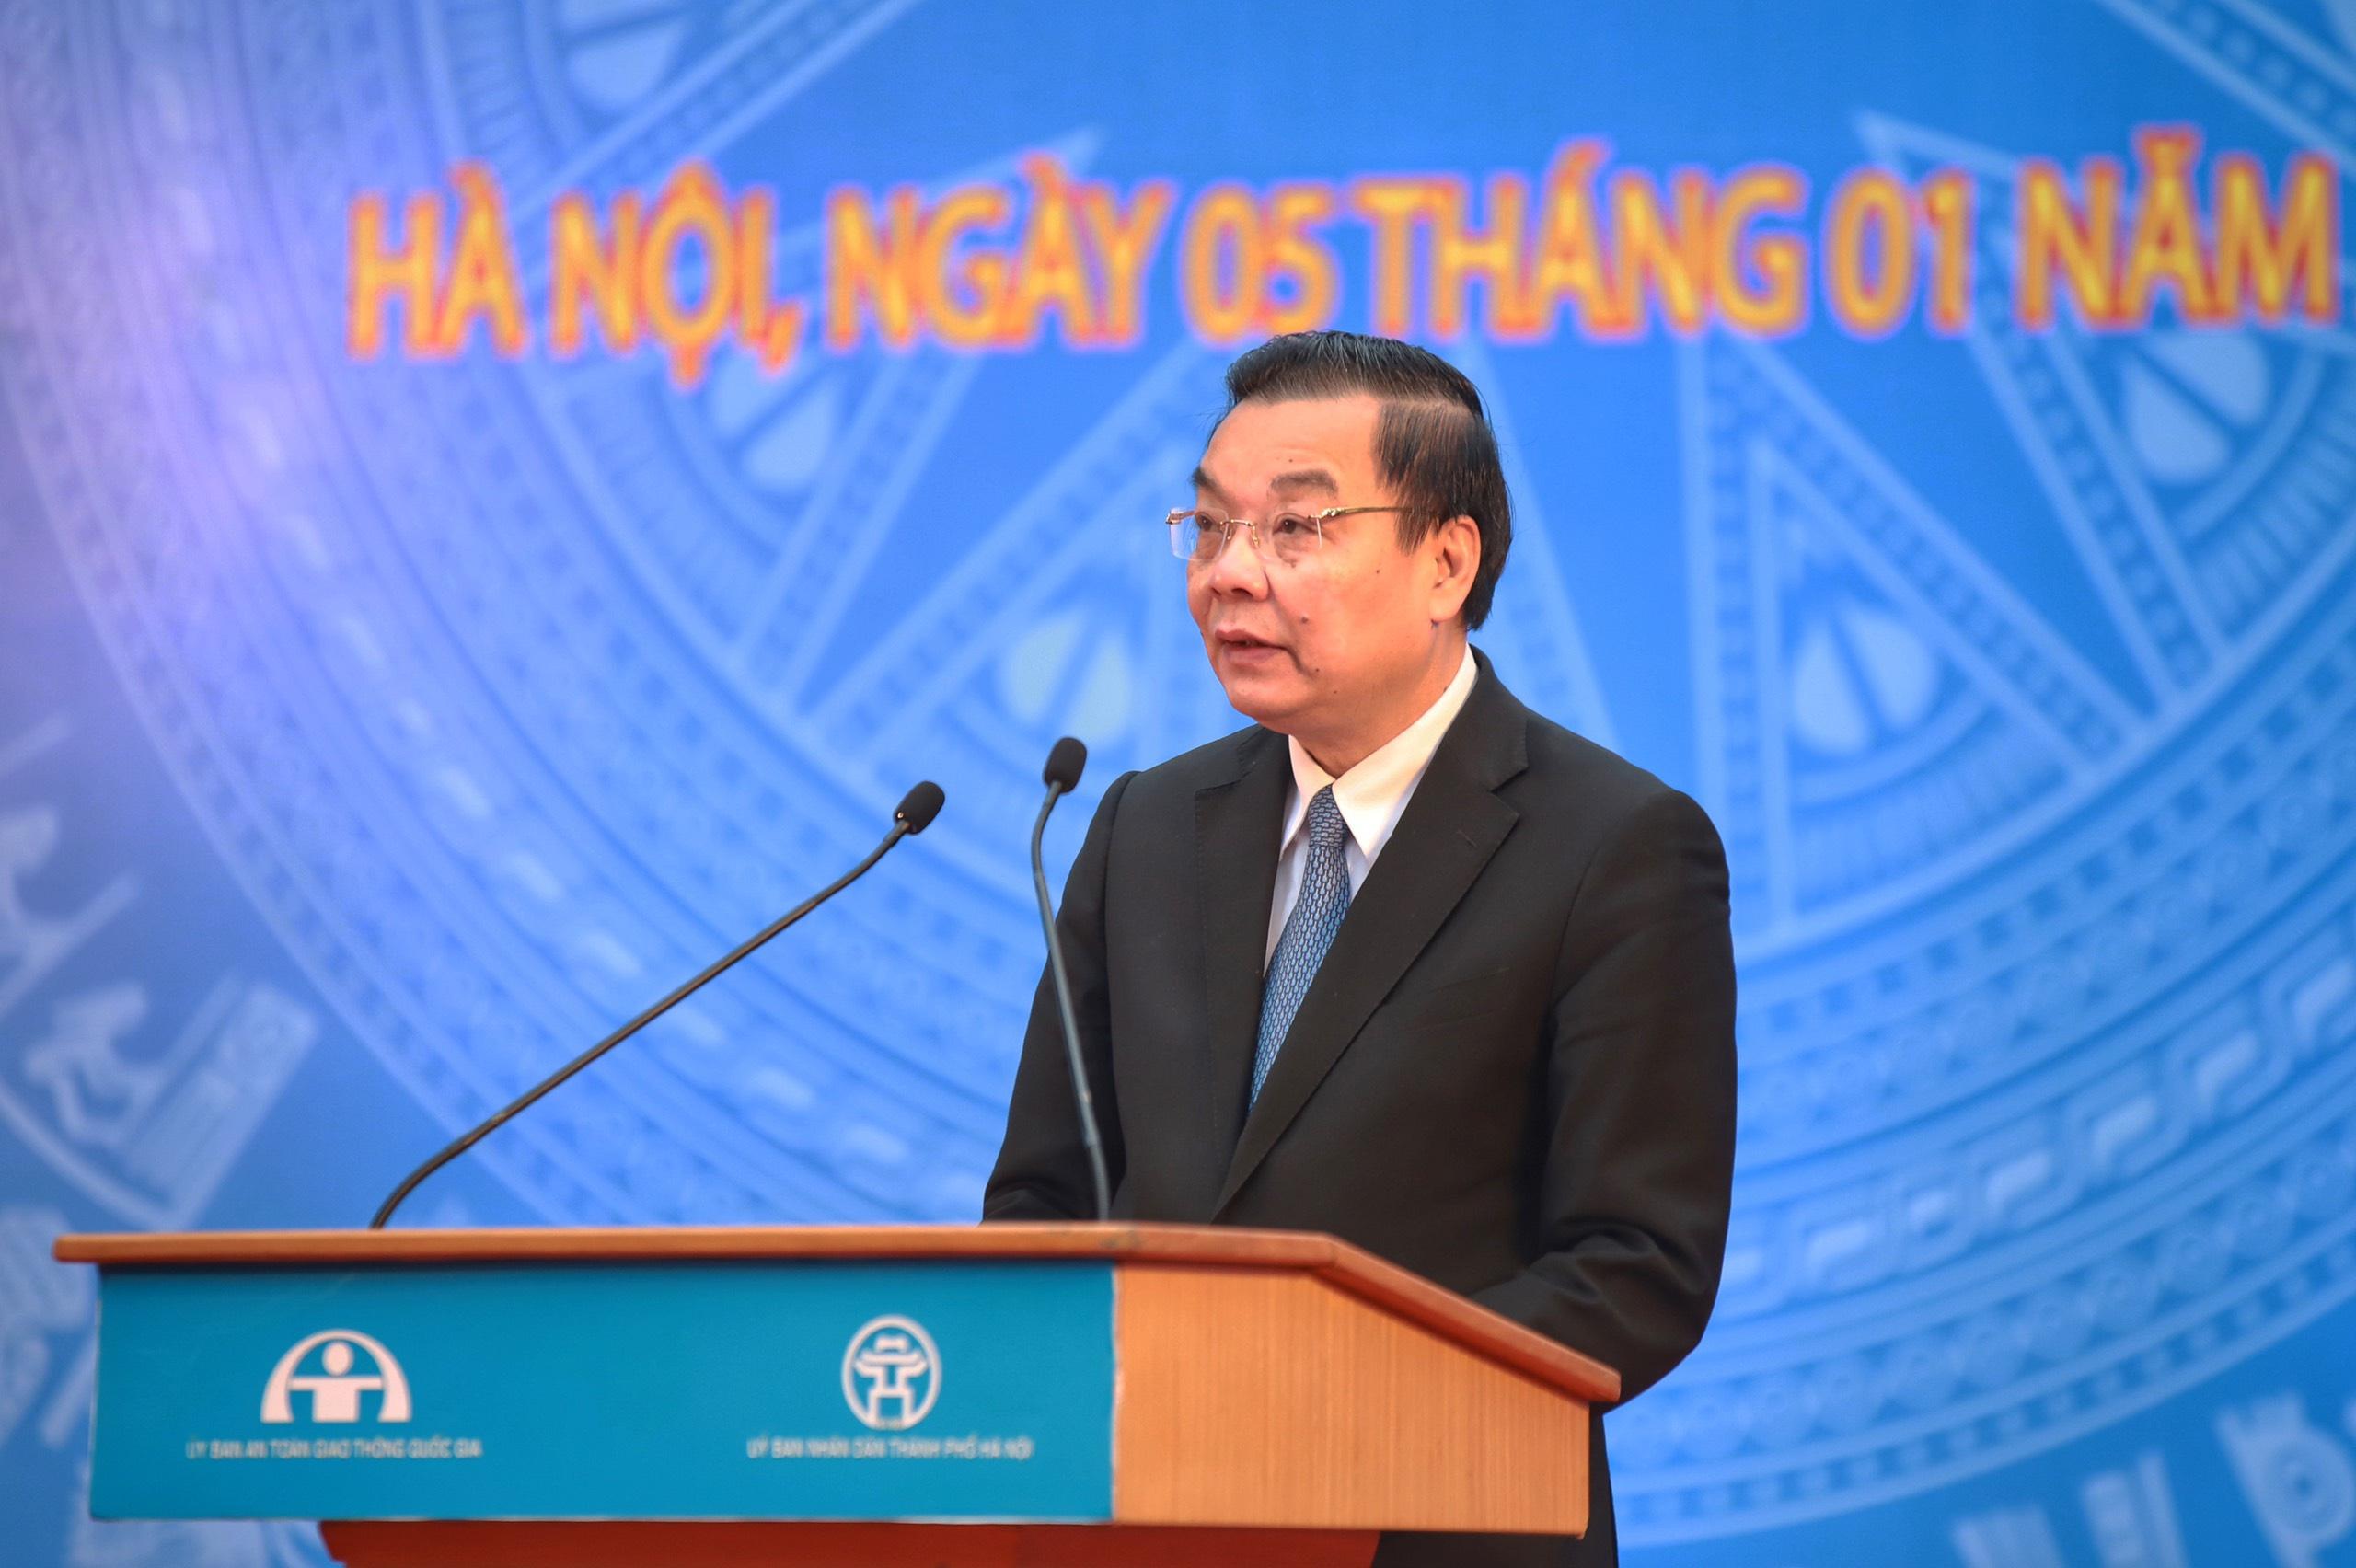 Chủ tịch Hà Nội yêu cầu xử lý phương tiện đi lên vỉa hè